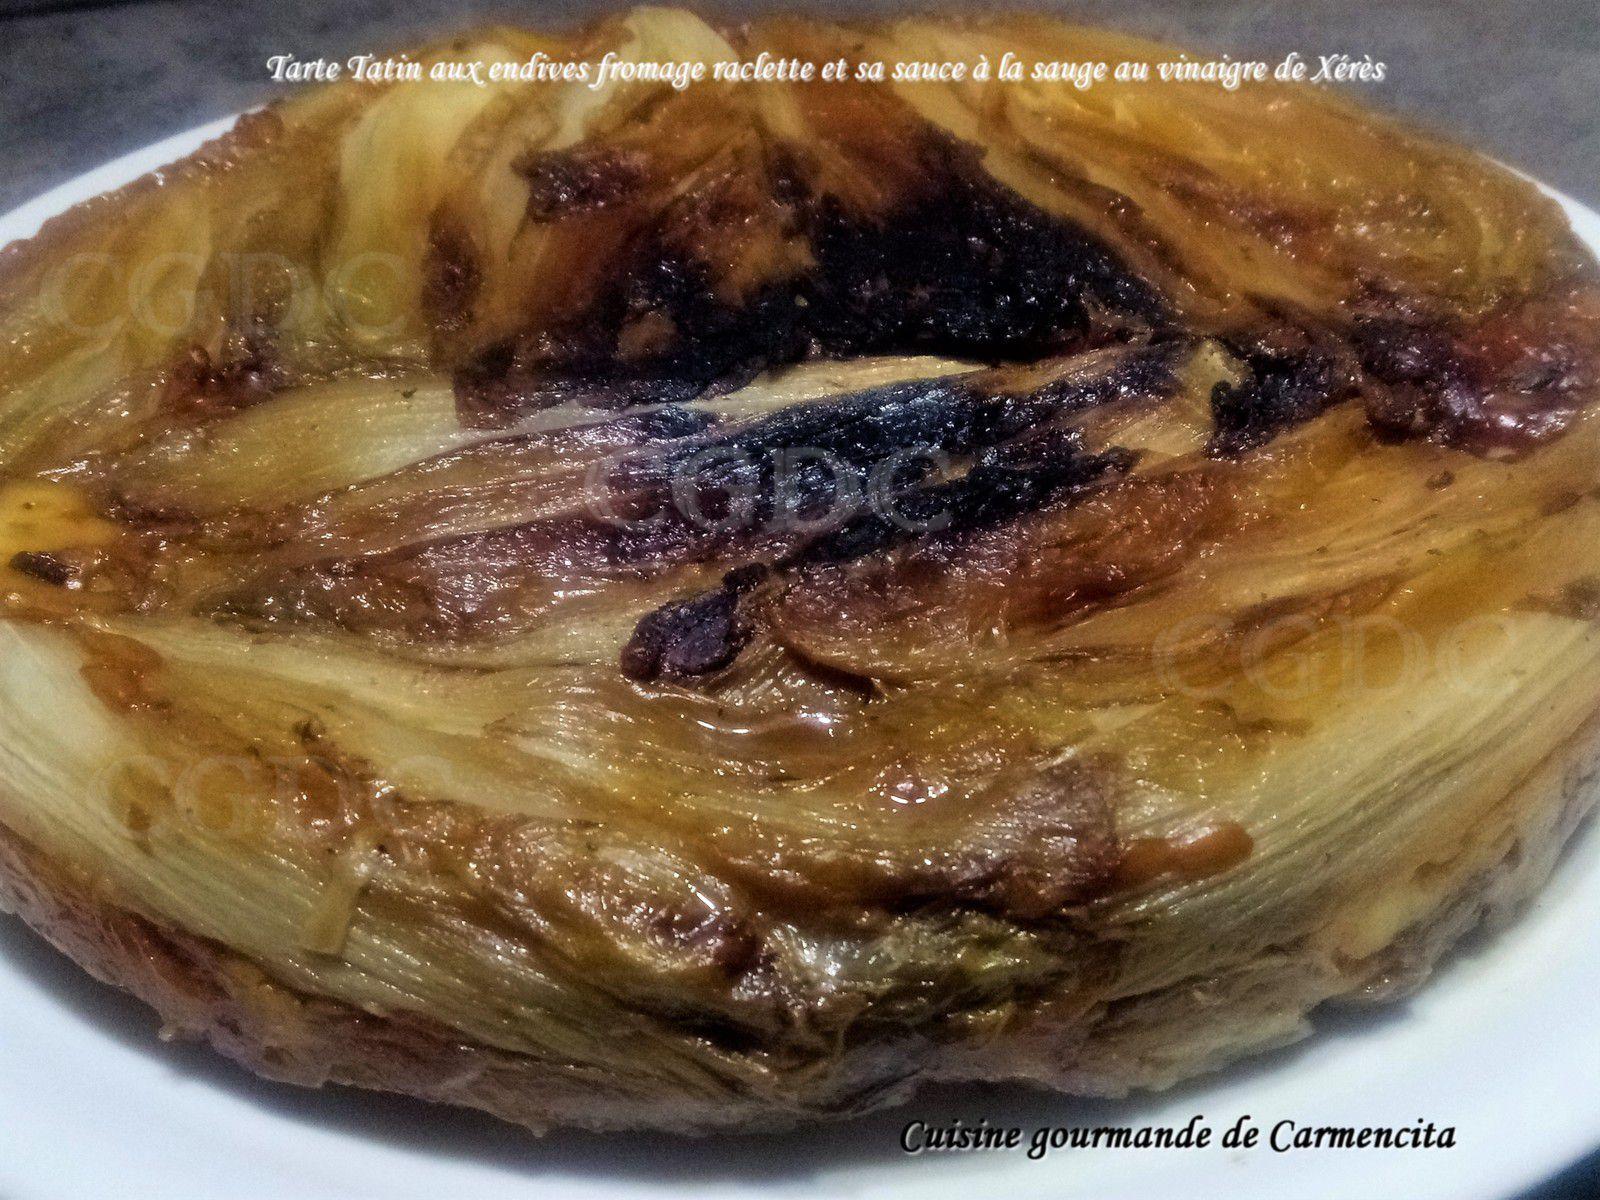 Tarte Tatin aux endives fromage raclette et sa sauce à la sauge et au vinaigre de Xérès